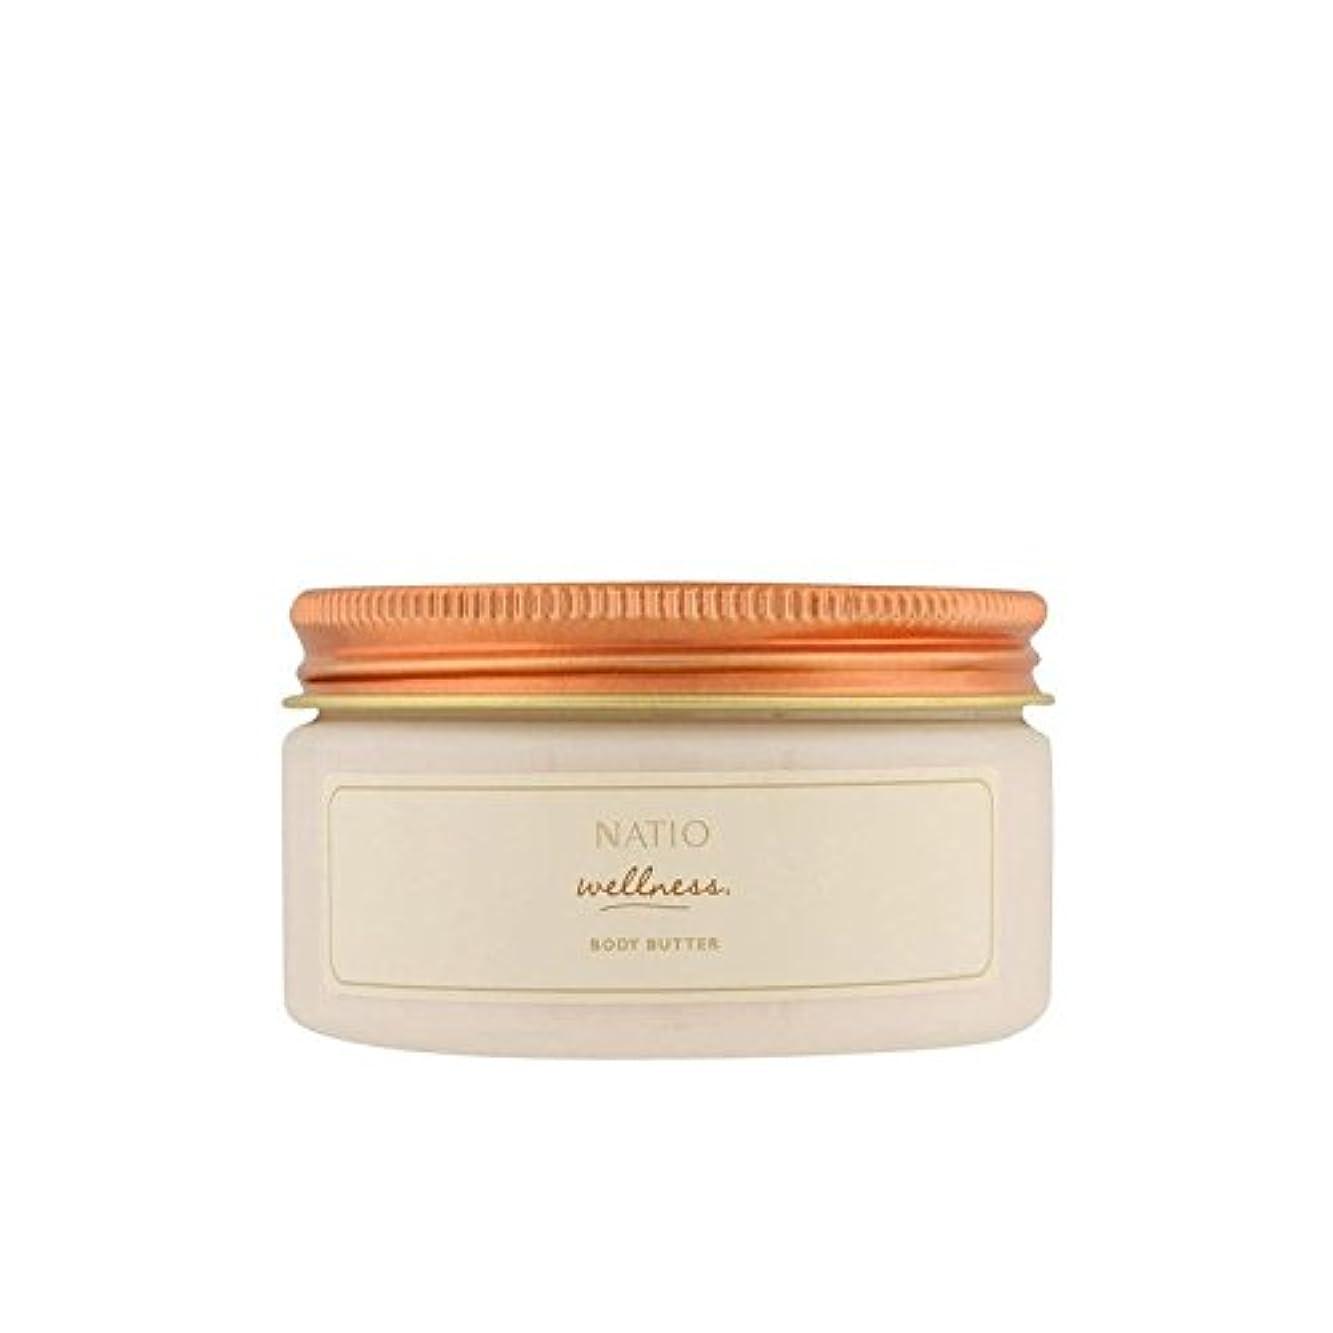 非効率的な繁殖欺Natio Wellness Body Butter (240g) - ウェルネスボディバター(240グラム) [並行輸入品]